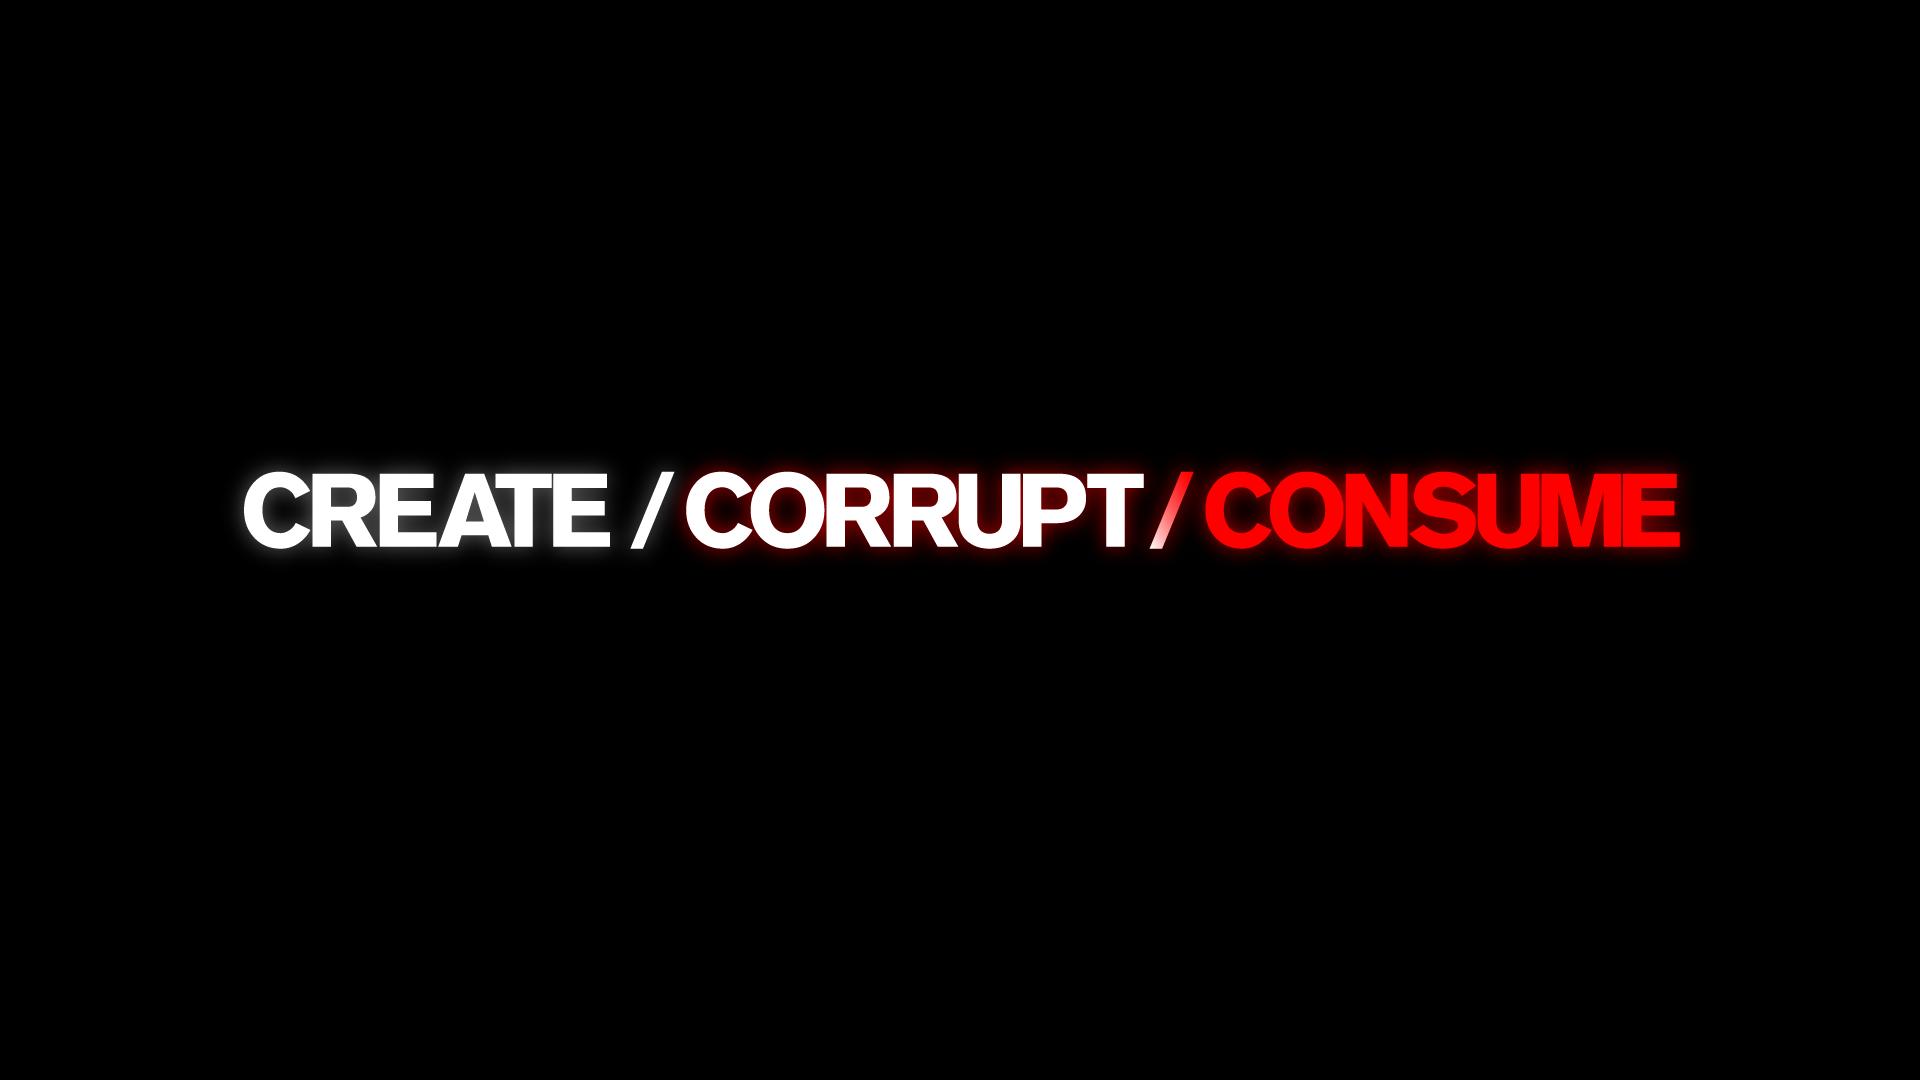 Create / Corrupt / Consume by jenova941